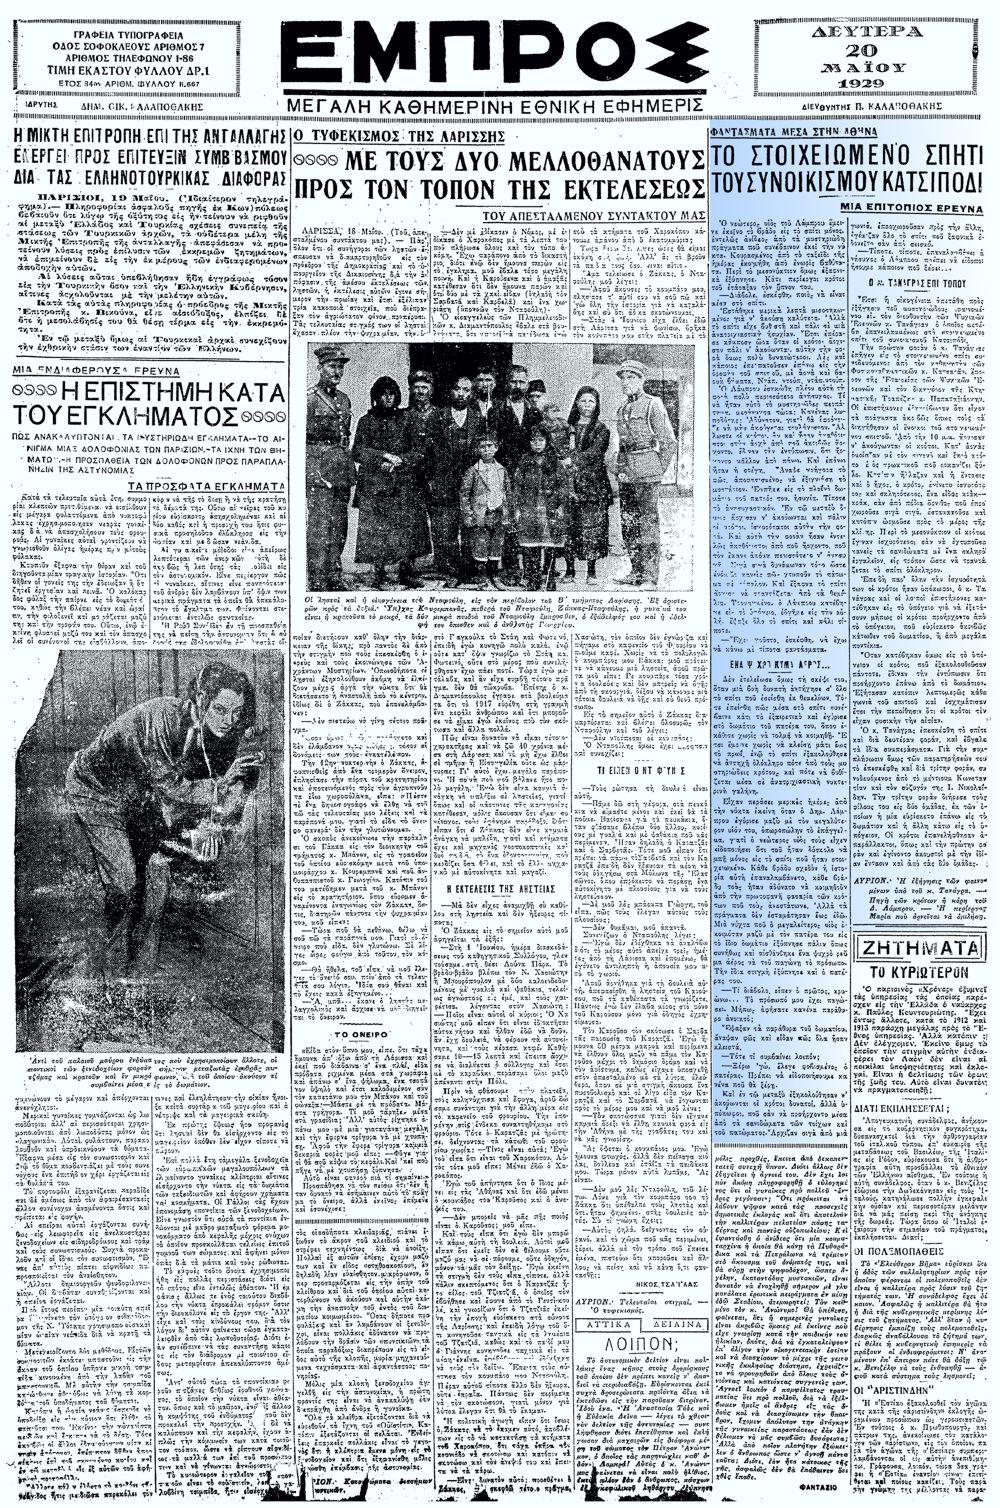 """Το άρθρο, όπως δημοσιεύθηκε στην εφημερίδα """"ΕΜΠΡΟΣ"""", στις 20/05/1929"""